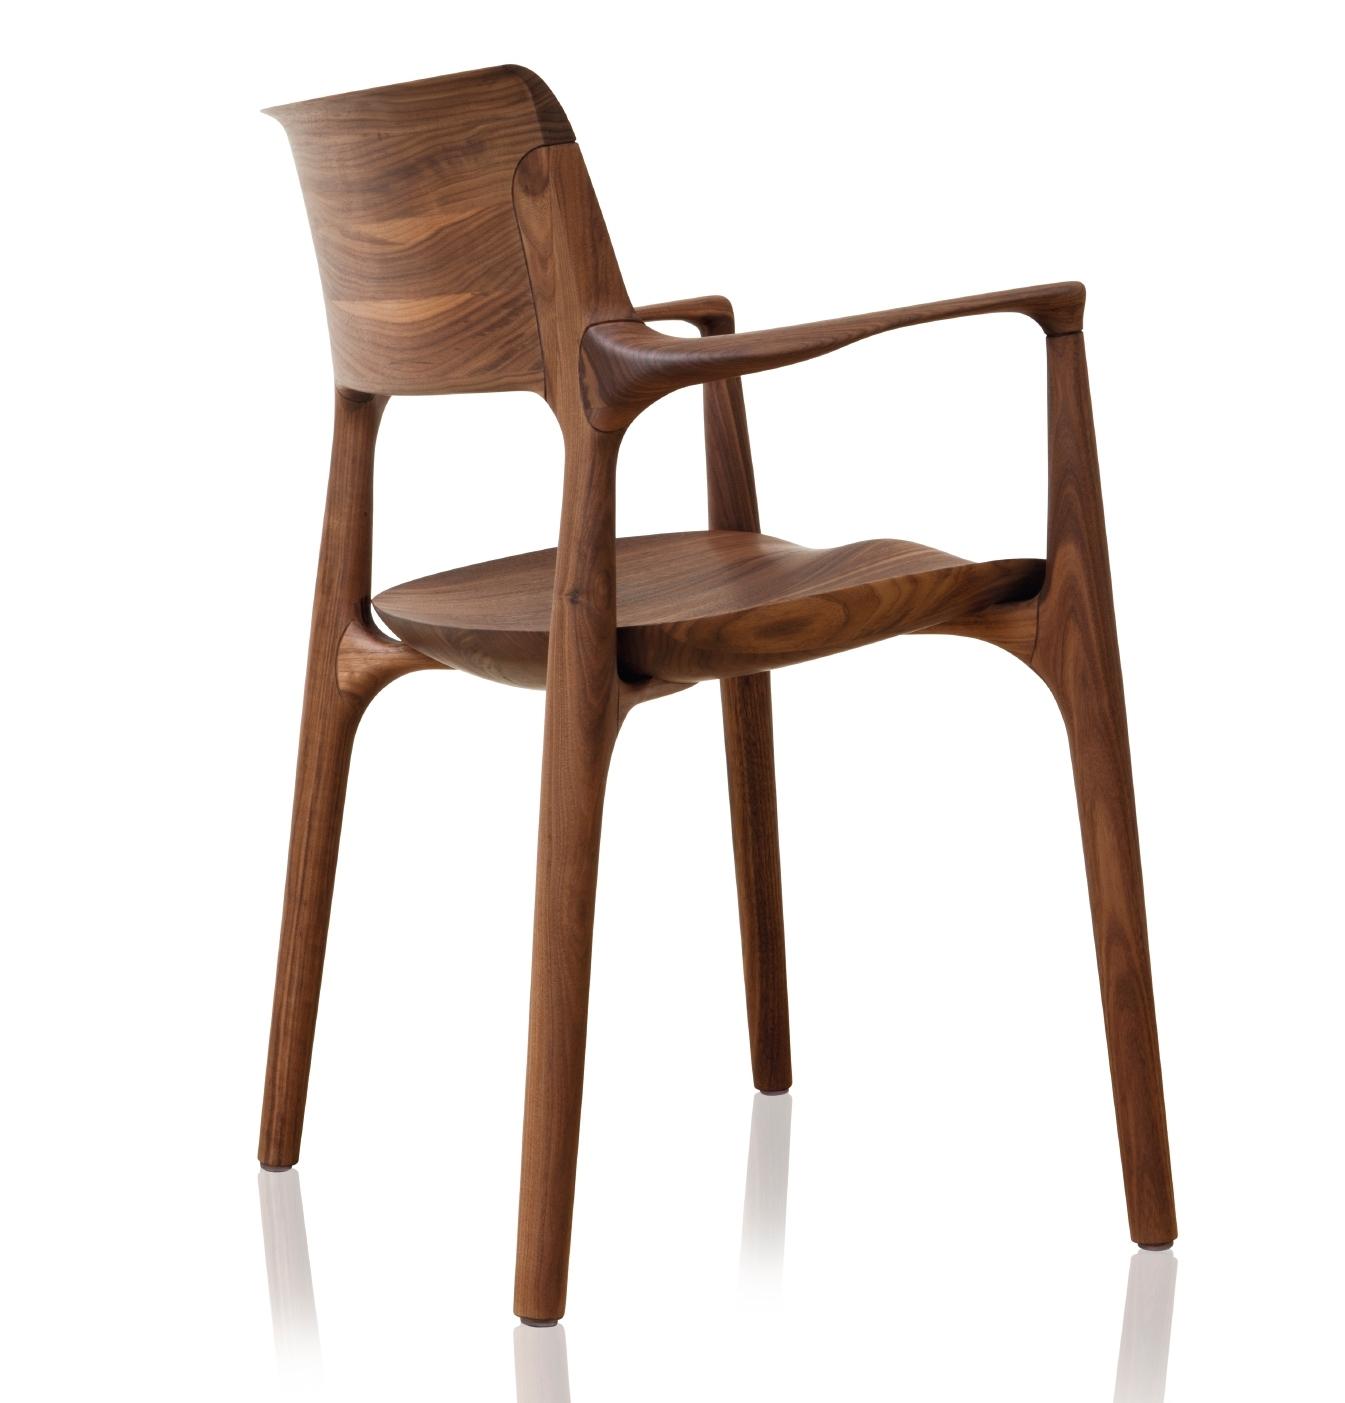 SJ_armchair_easy_01.jpg